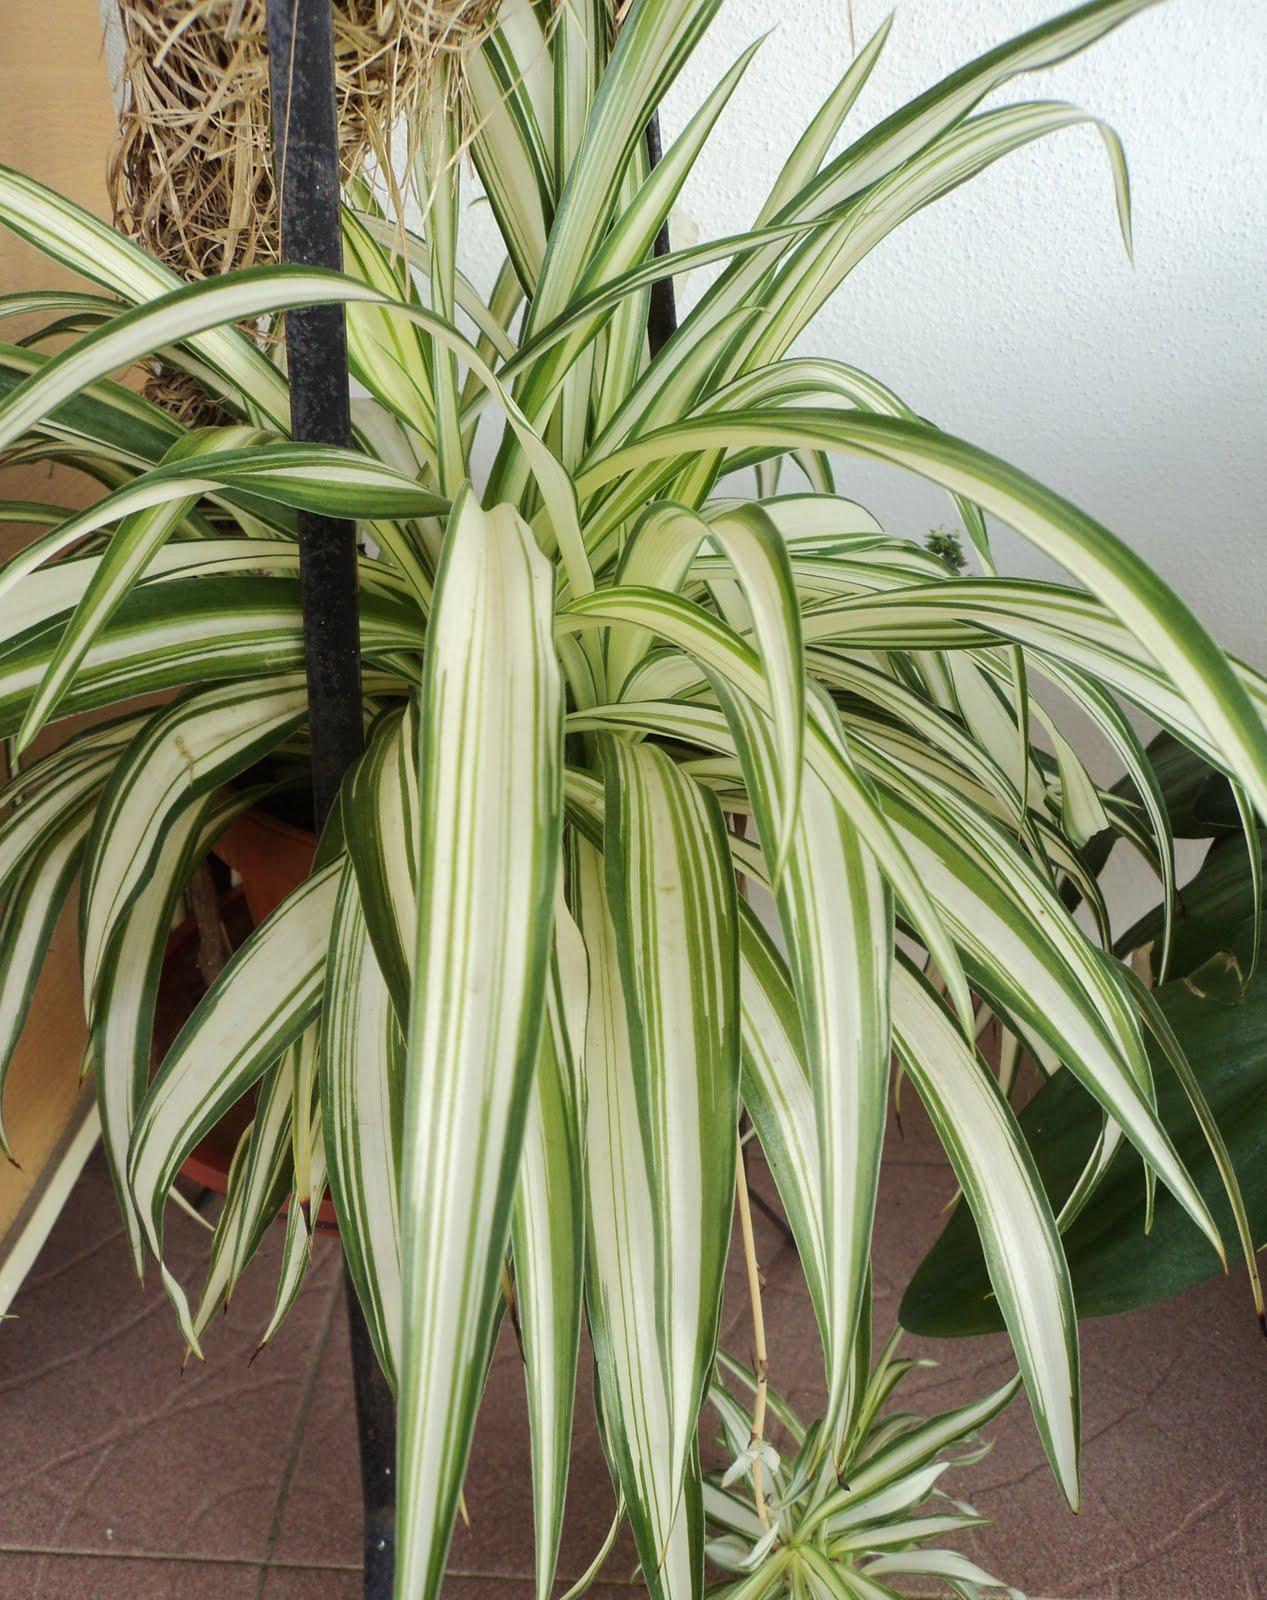 laman kambatik plants list 3rd ed chlorophytum cosmosum spider plant. Black Bedroom Furniture Sets. Home Design Ideas